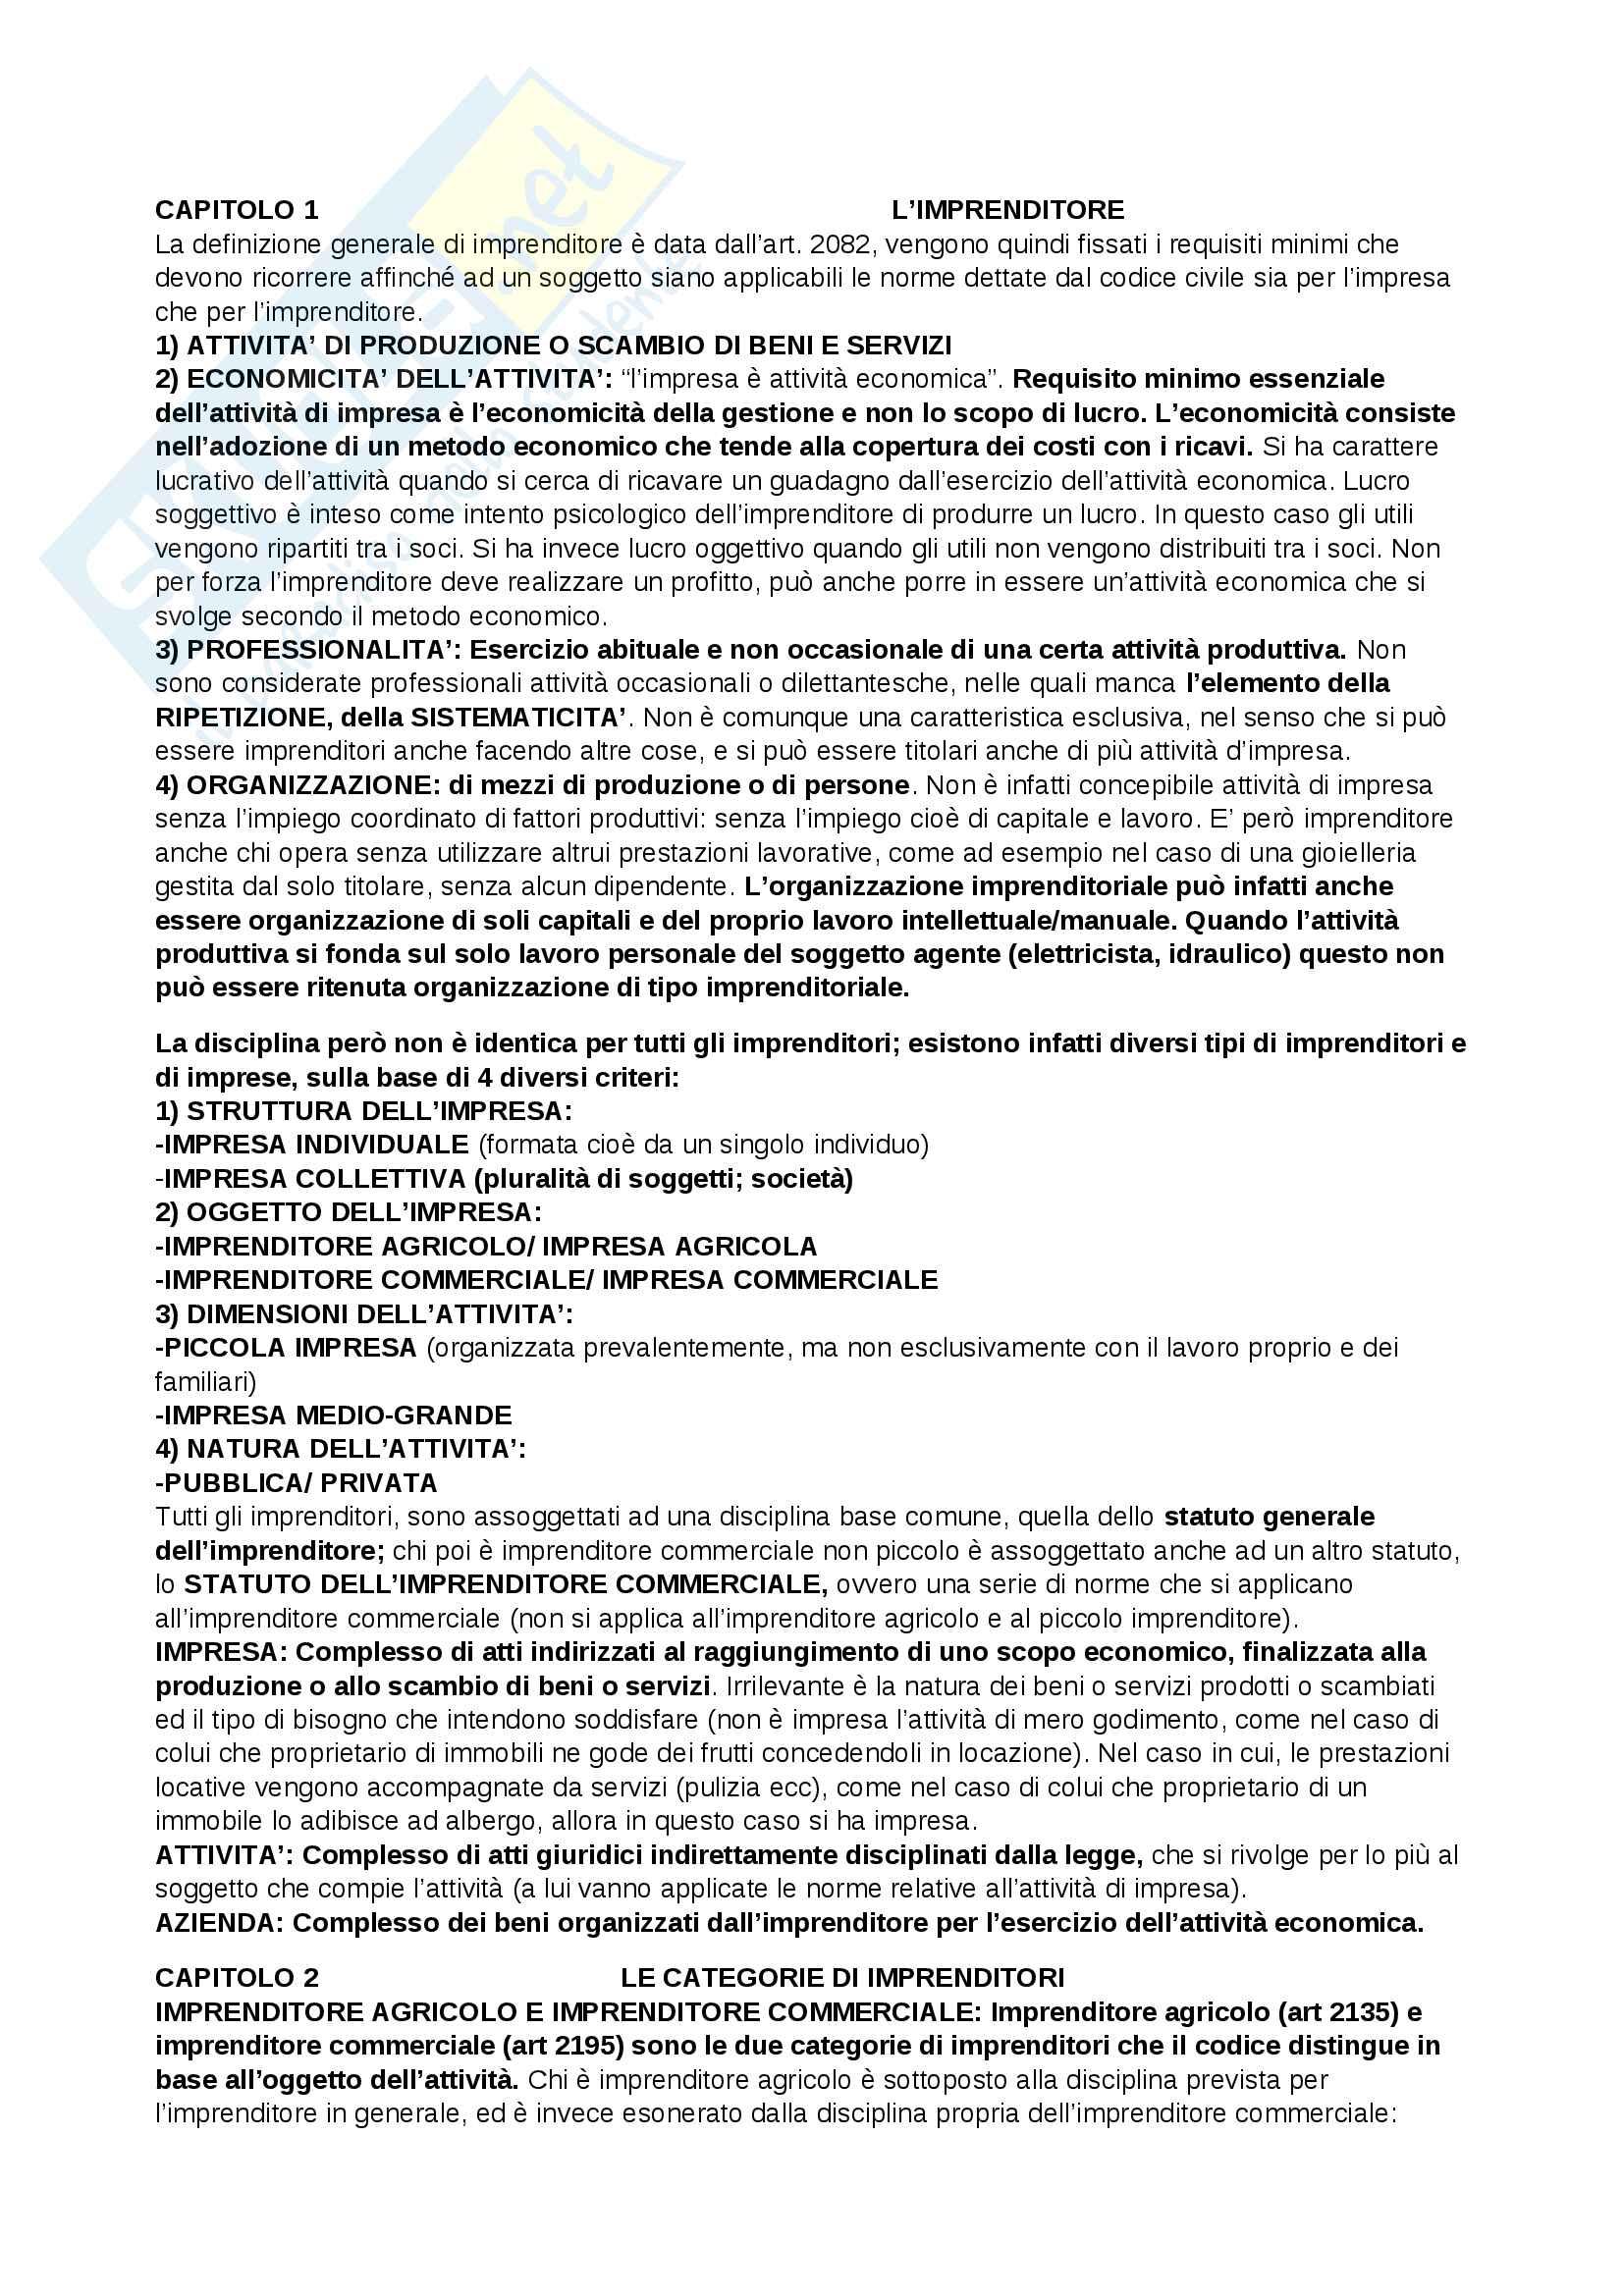 Appunti completi diritto commerciale